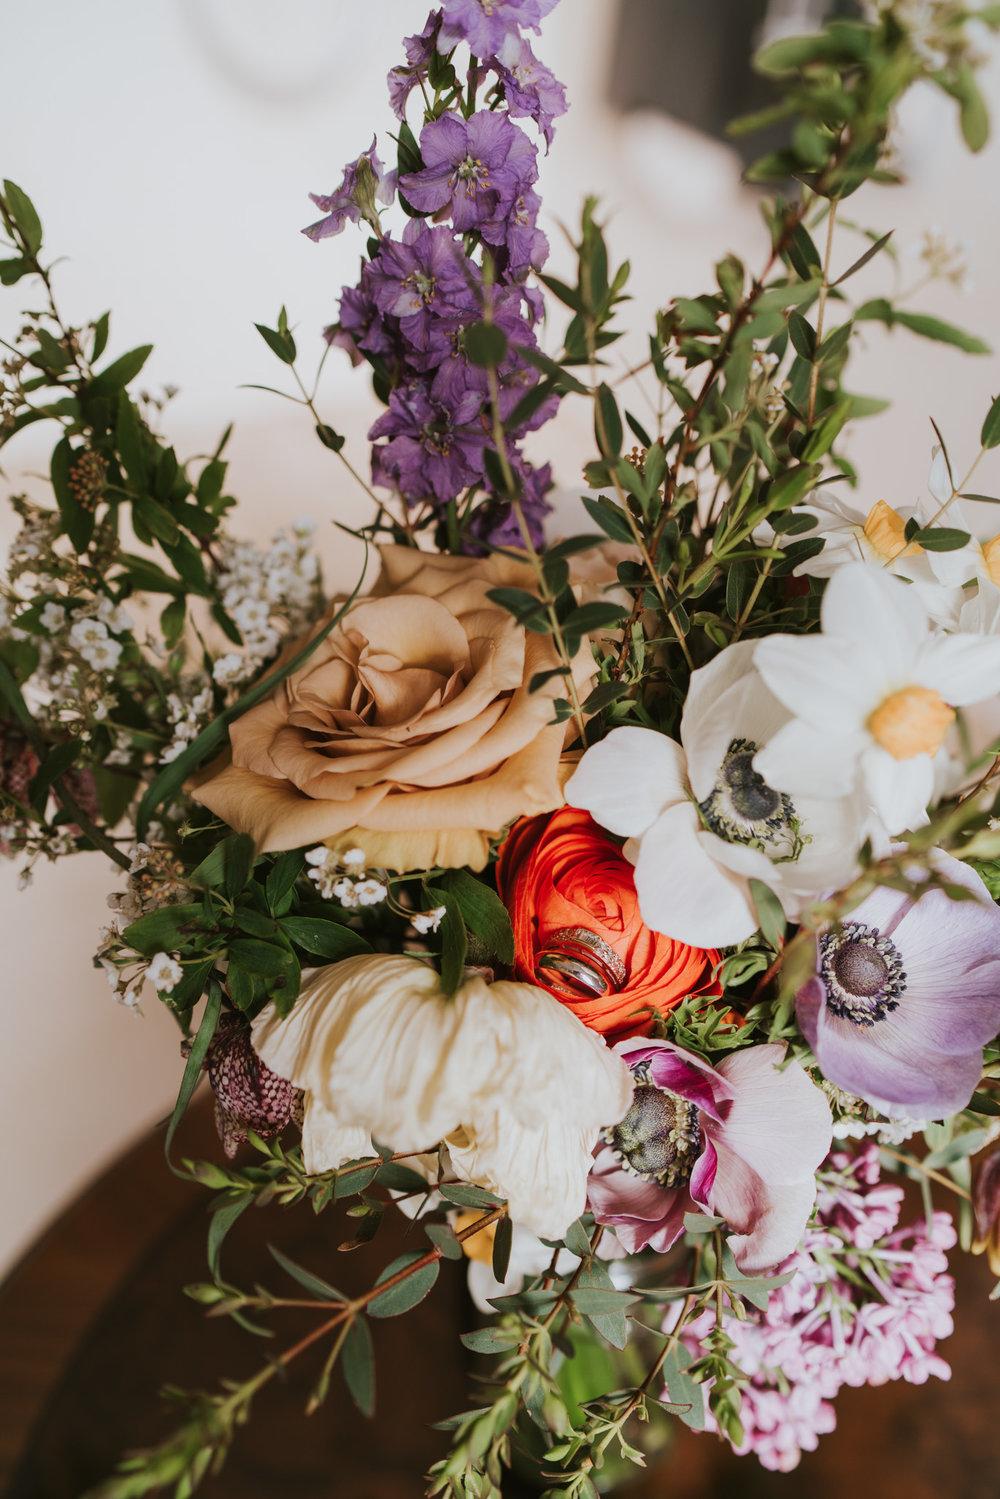 Will-Rhiannon-Art-Deco-Alterative-Essex-Wedding-Suffolk-Grace-Elizabeth-10.jpg